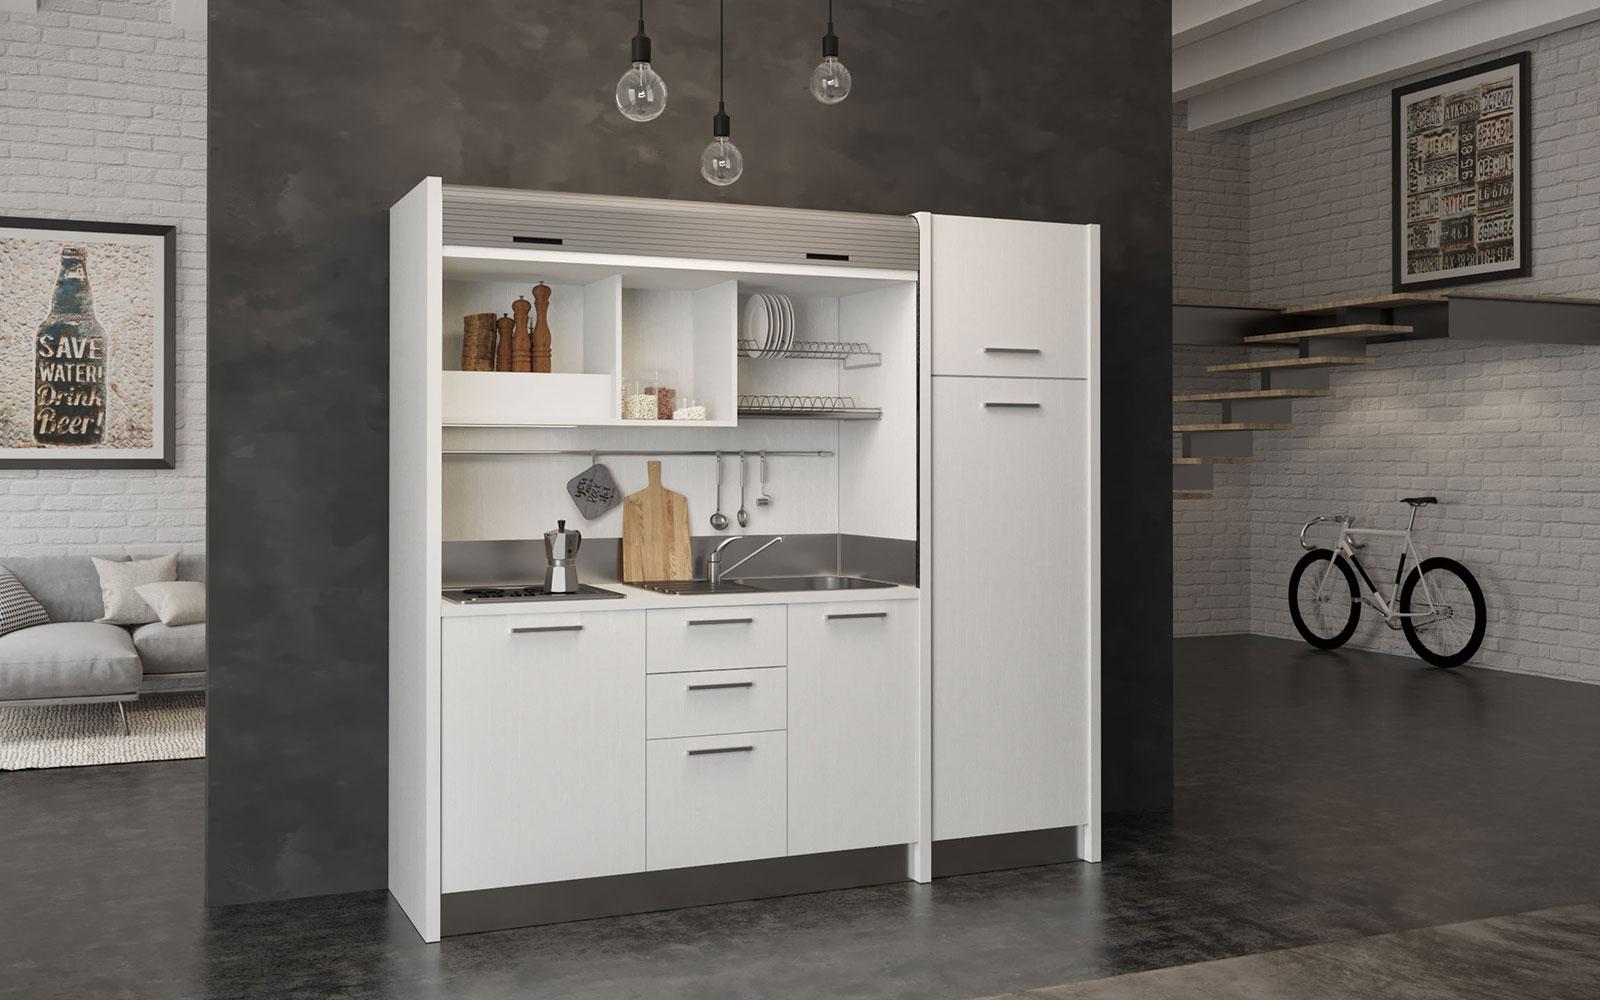 Gallura DX - Cucina per monolocali completa con chiusura a serranda in 2  metri e 20cm